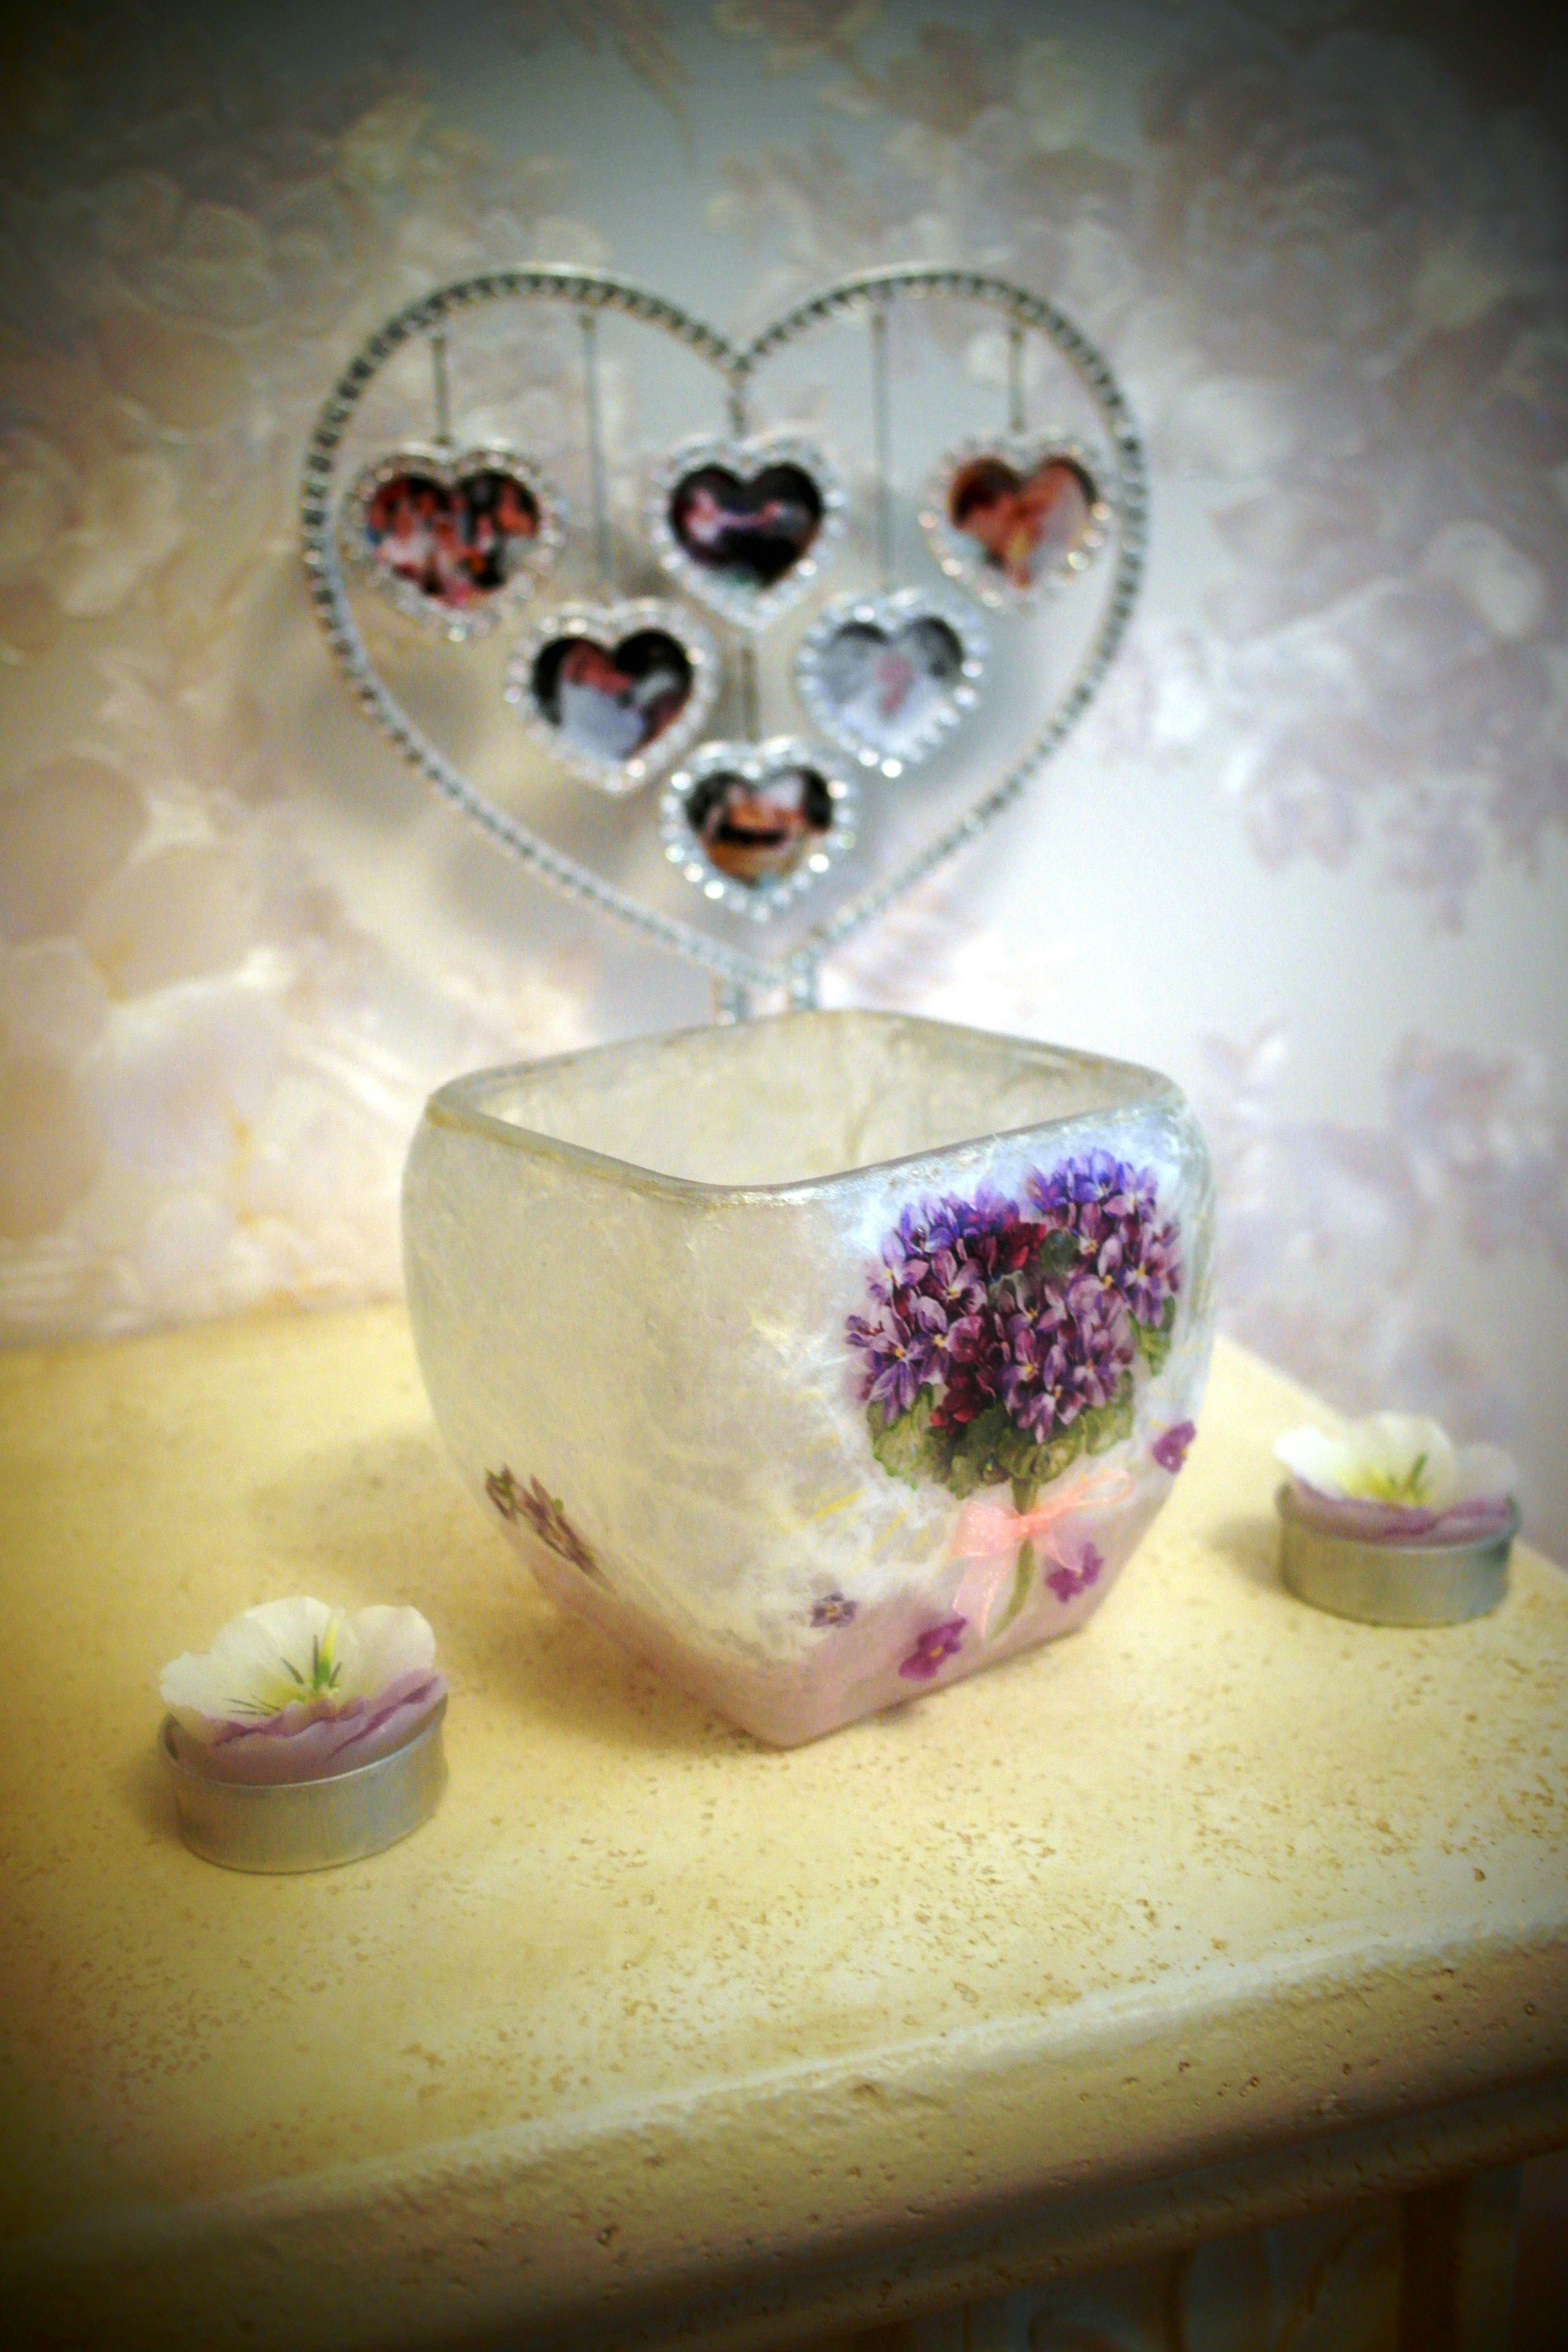 творчество полимернаяглина handmade хендмейд декупаж ваза подарок уникальныйподарок глина